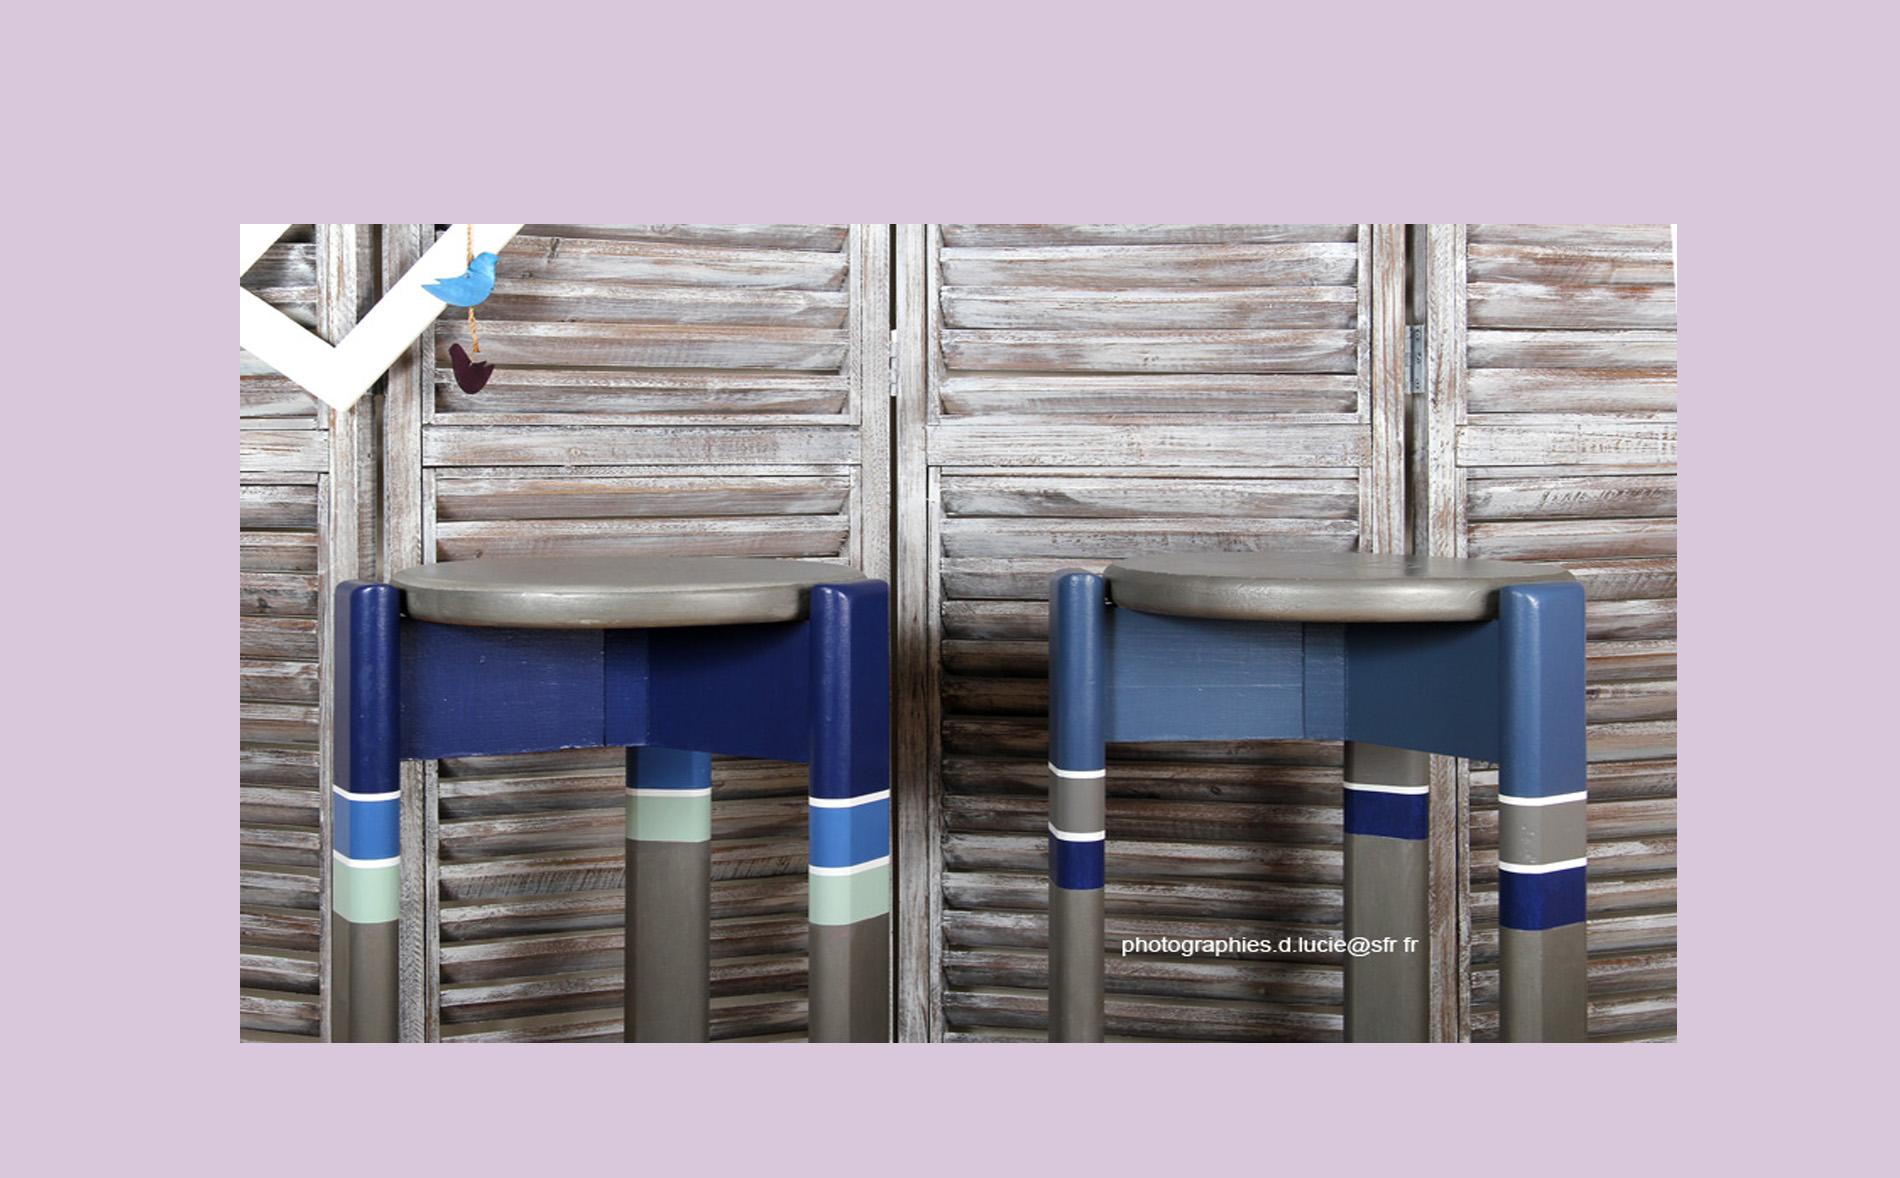 mobilier-salon-expo-maison-peinture-relooking-RG1